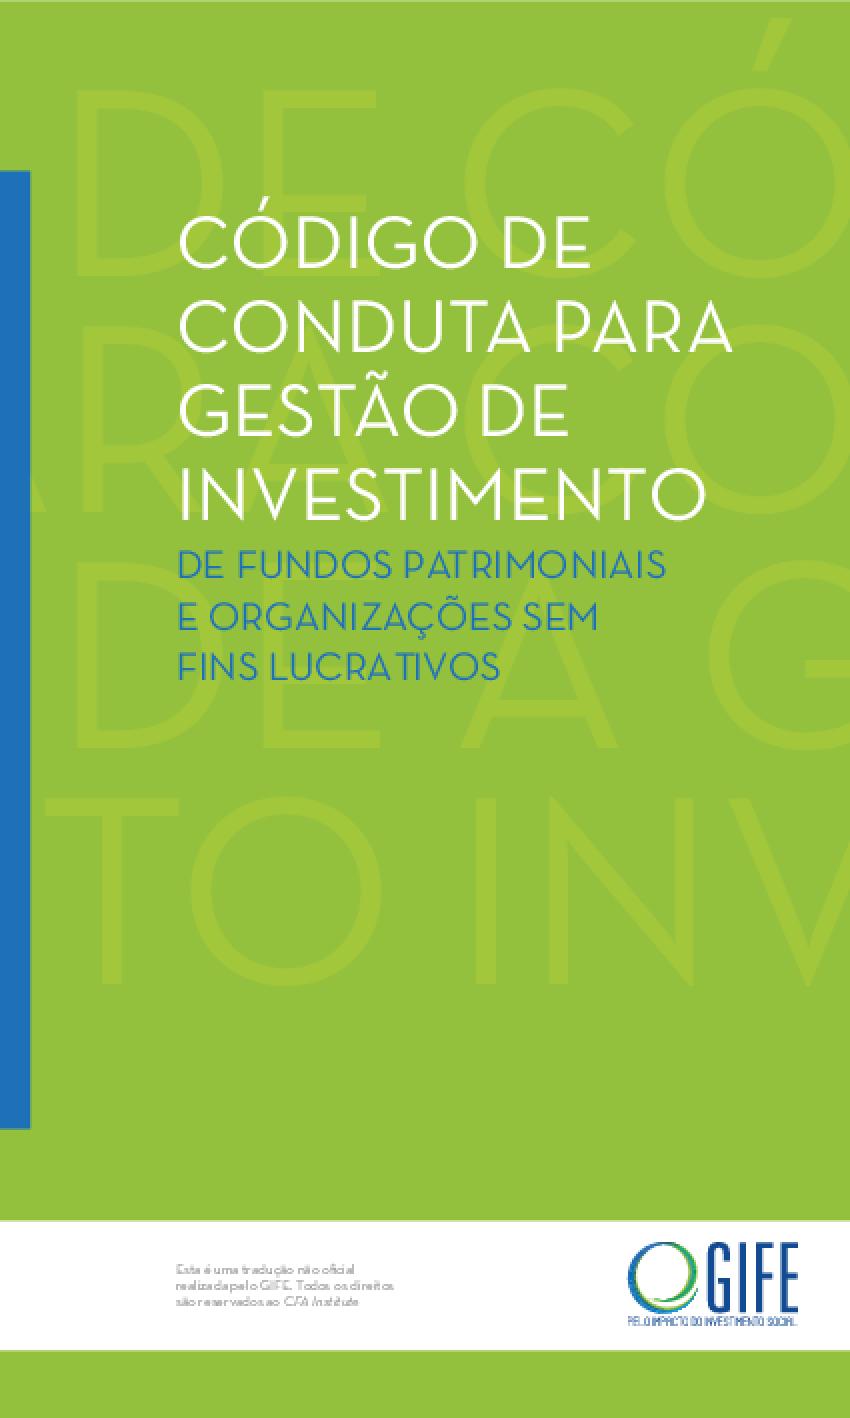 Código de conduta para gestão de investimento de fundos patrimoniais e organizações sem fins lucrativos